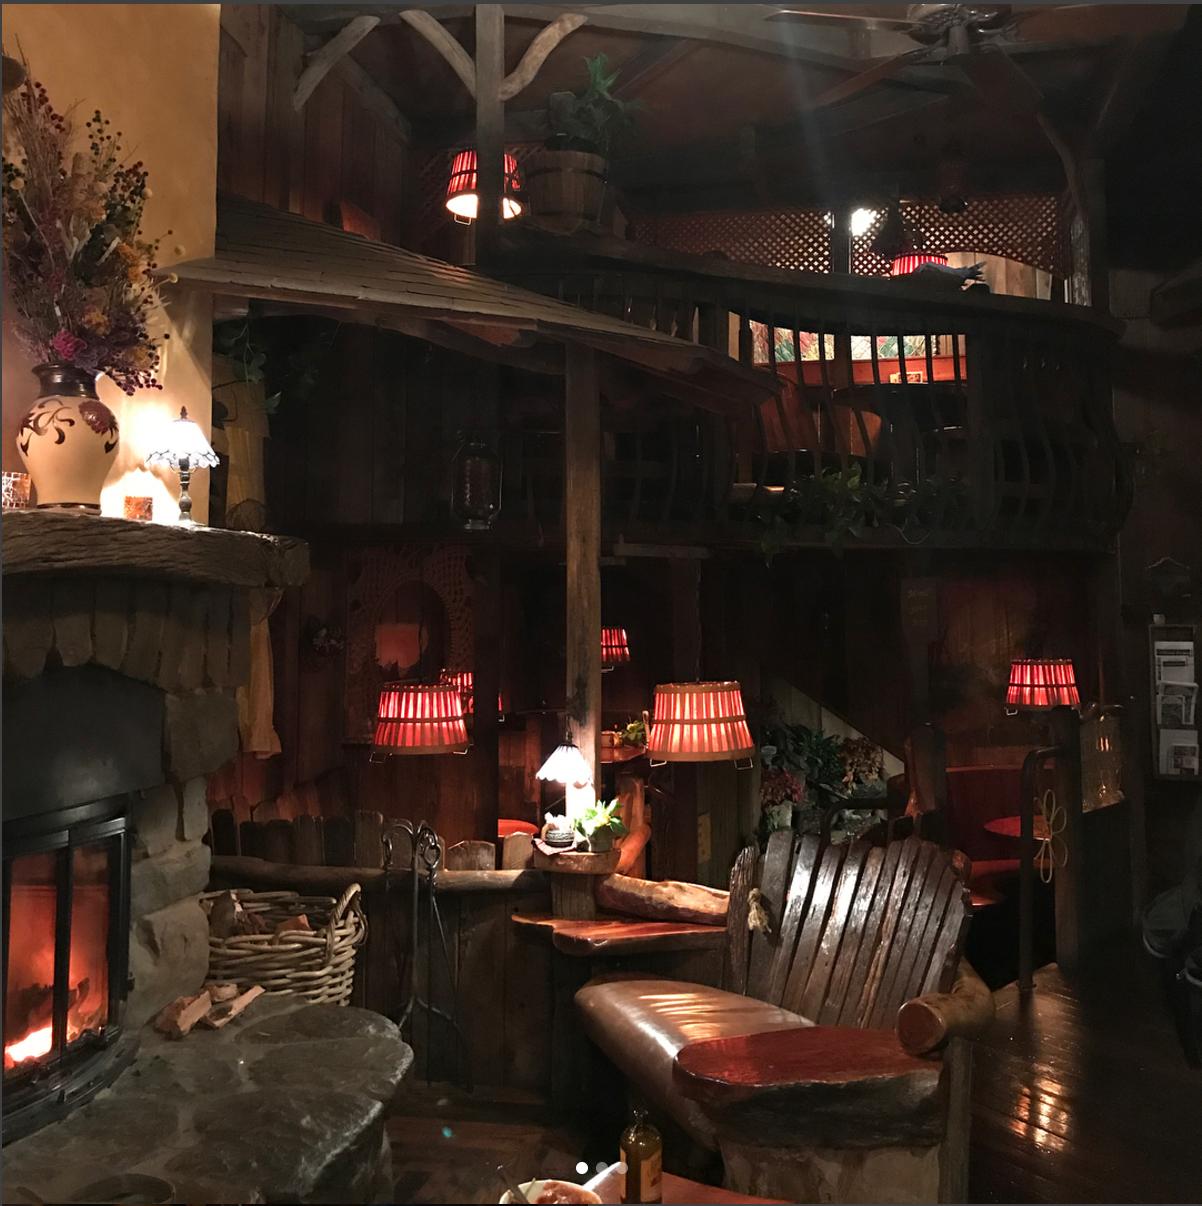 Treehouse-like interior  @sipsandnibs